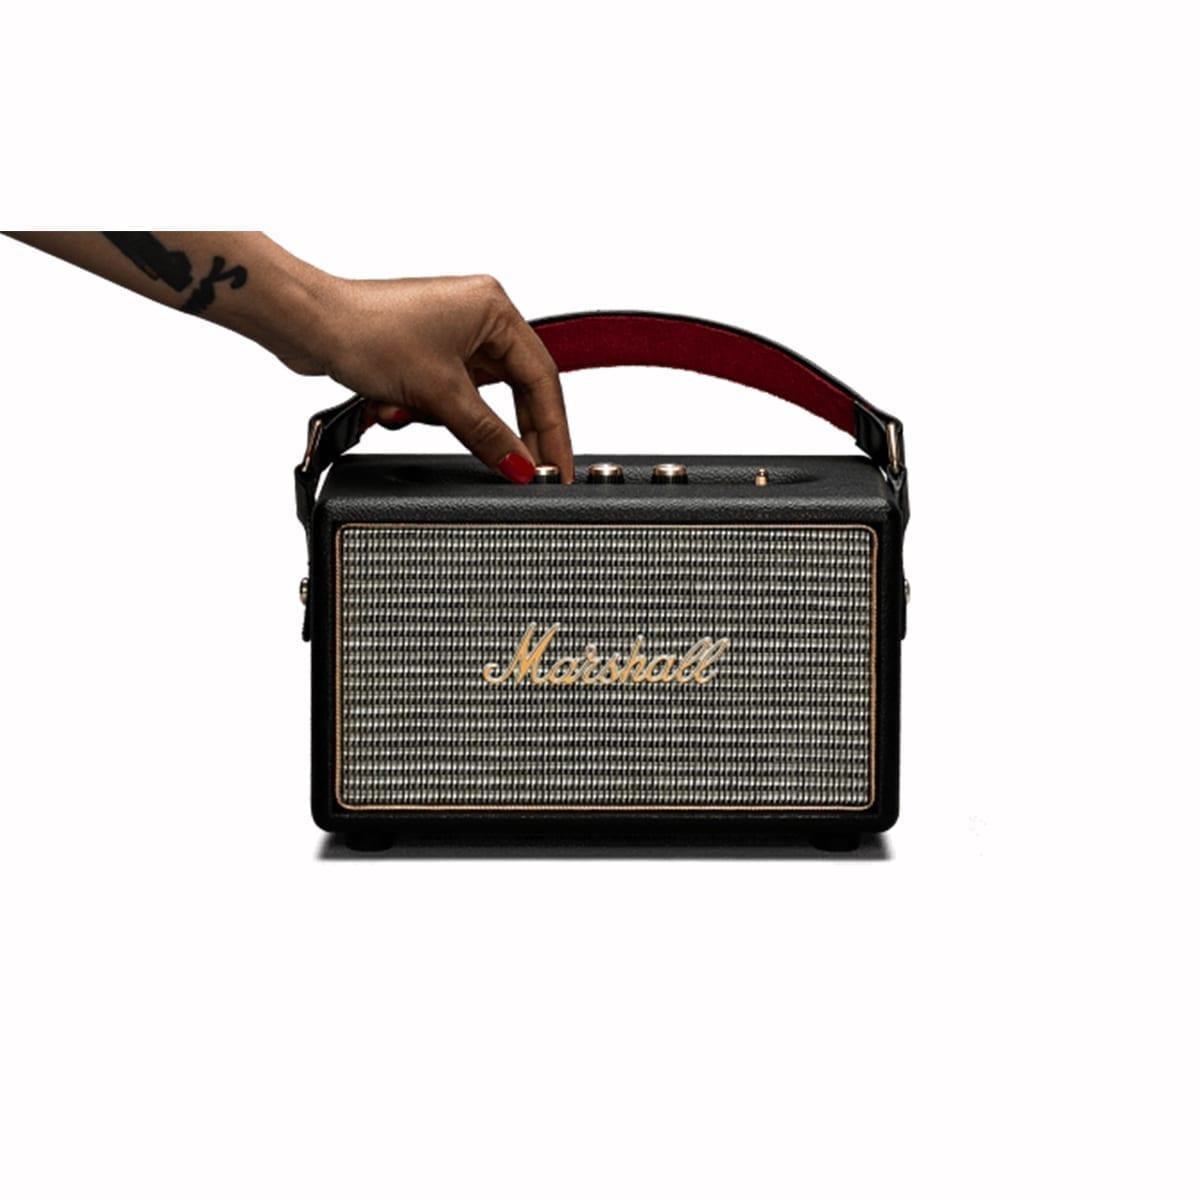 JBL CLIP 2 Black Compact Waterproof Portable Bluetooth Speaker. Marshall Killburn Bluetooth Speaker